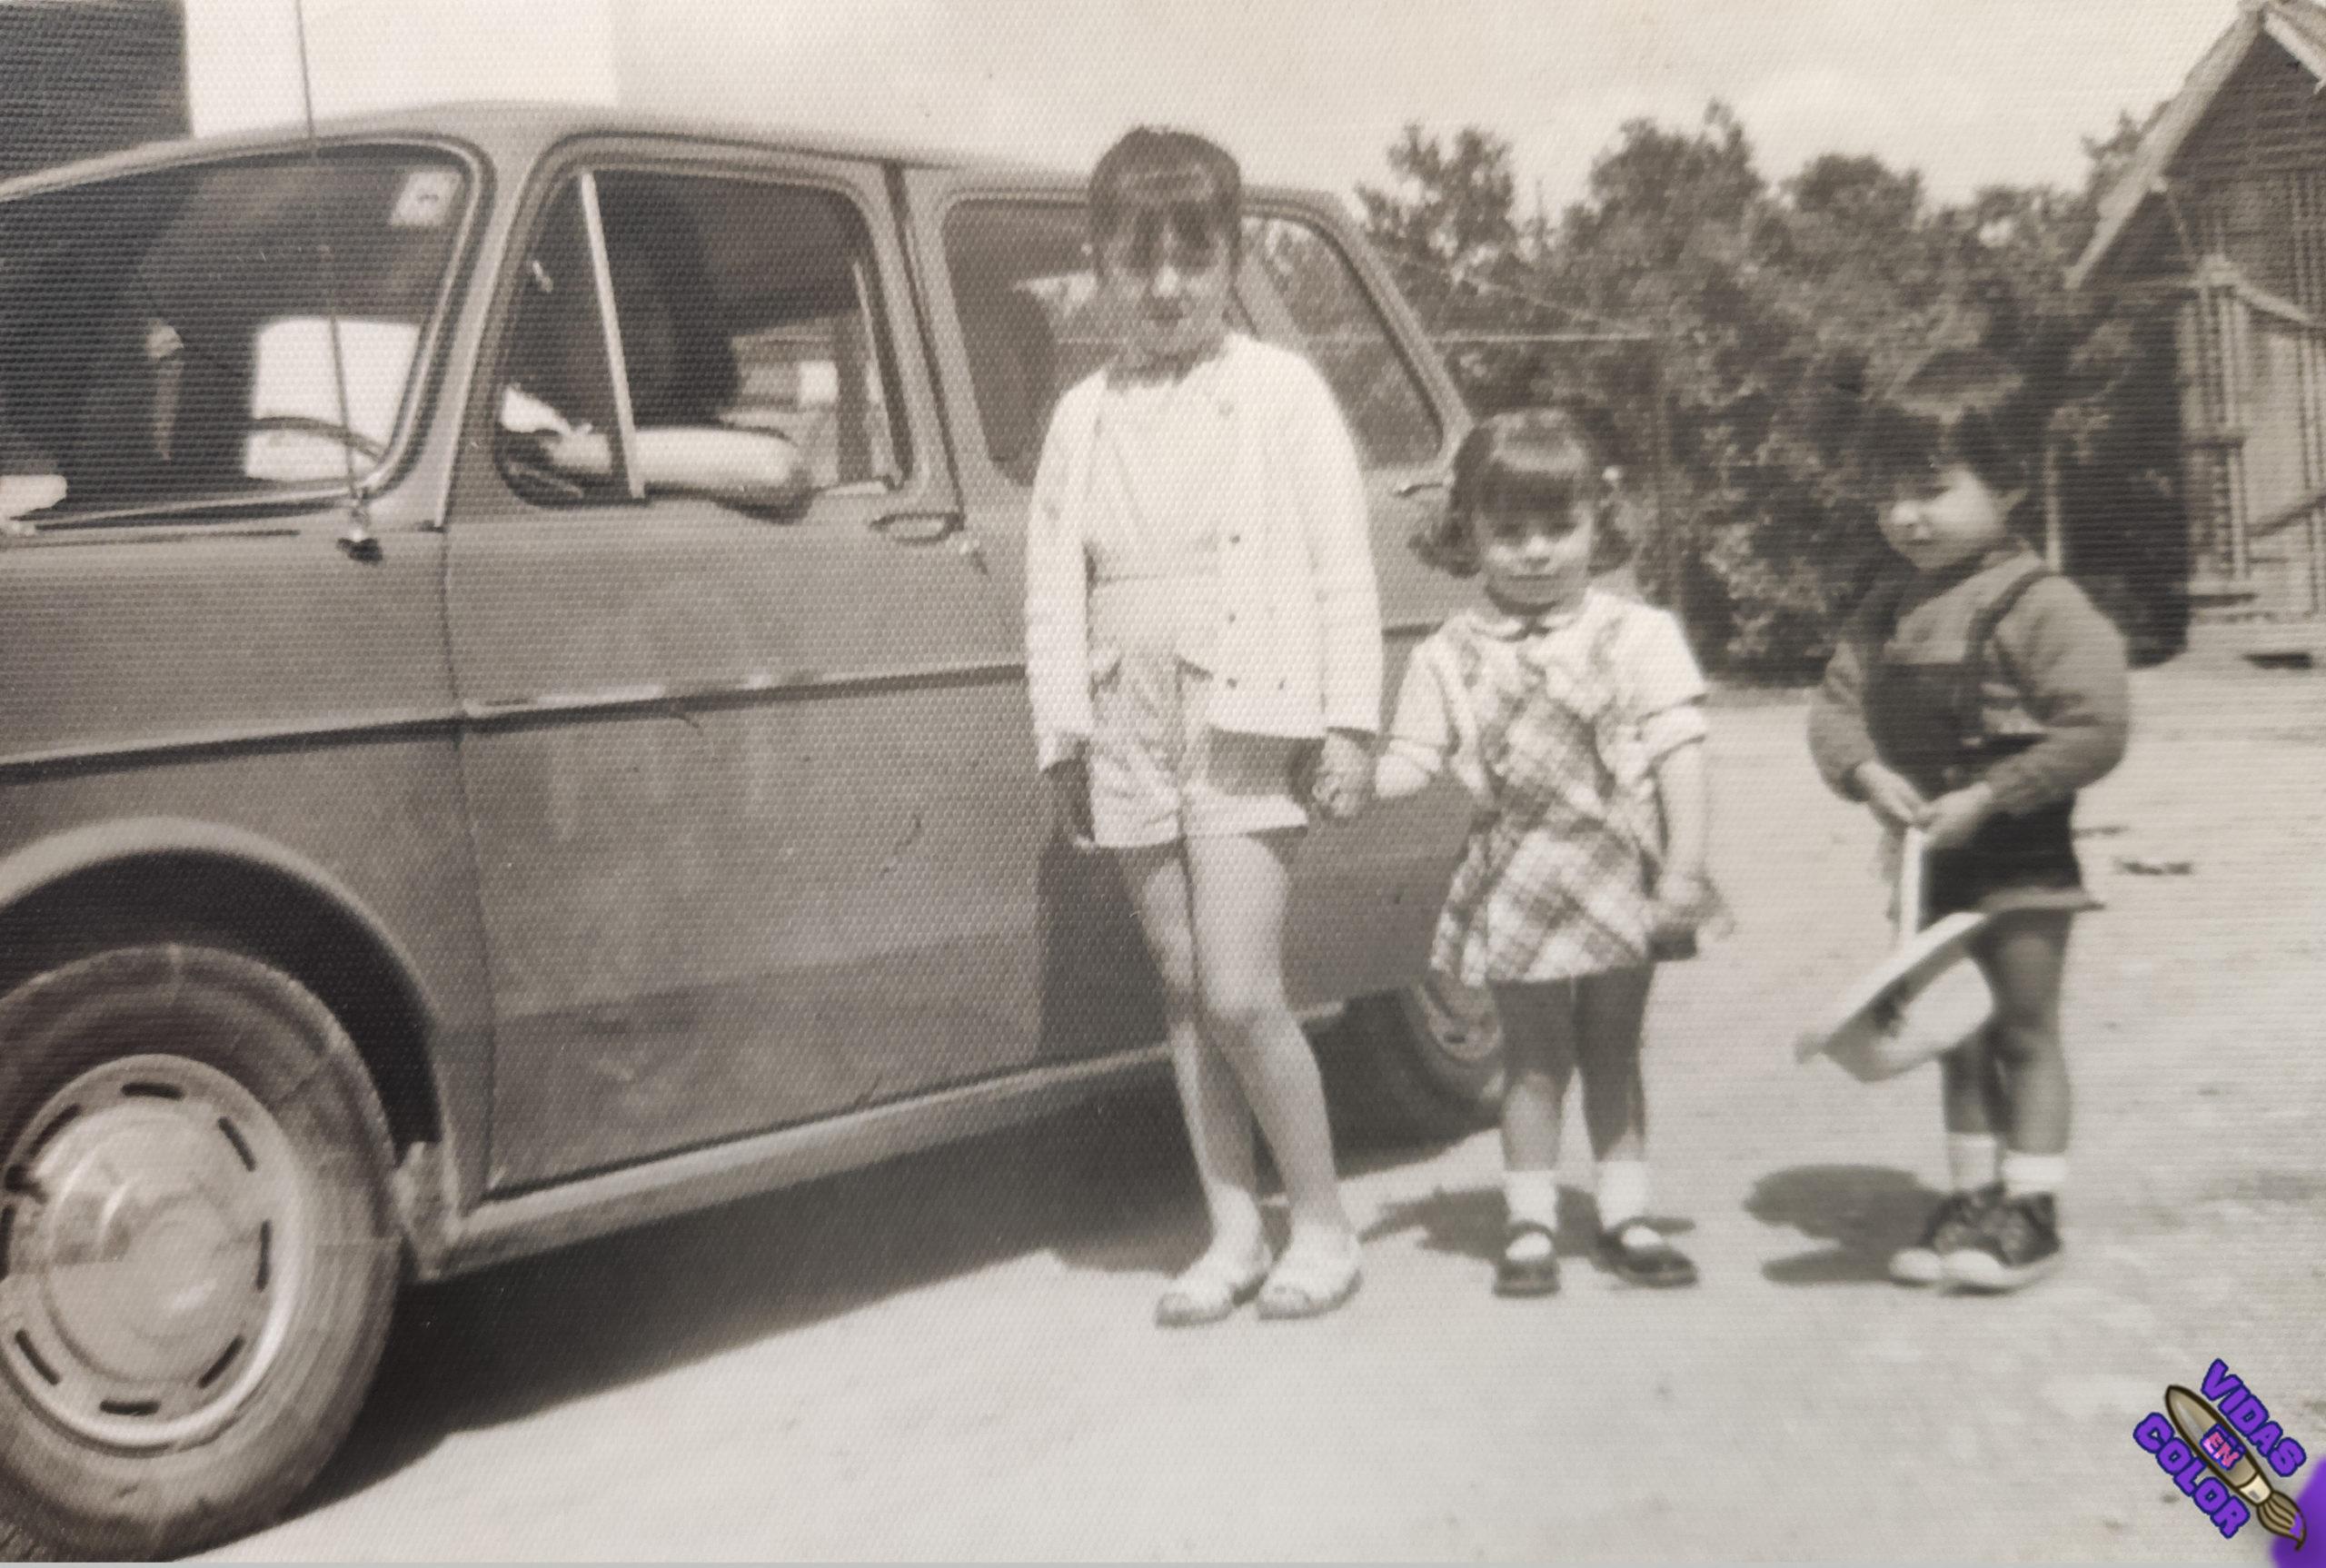 coche_chicos_byn